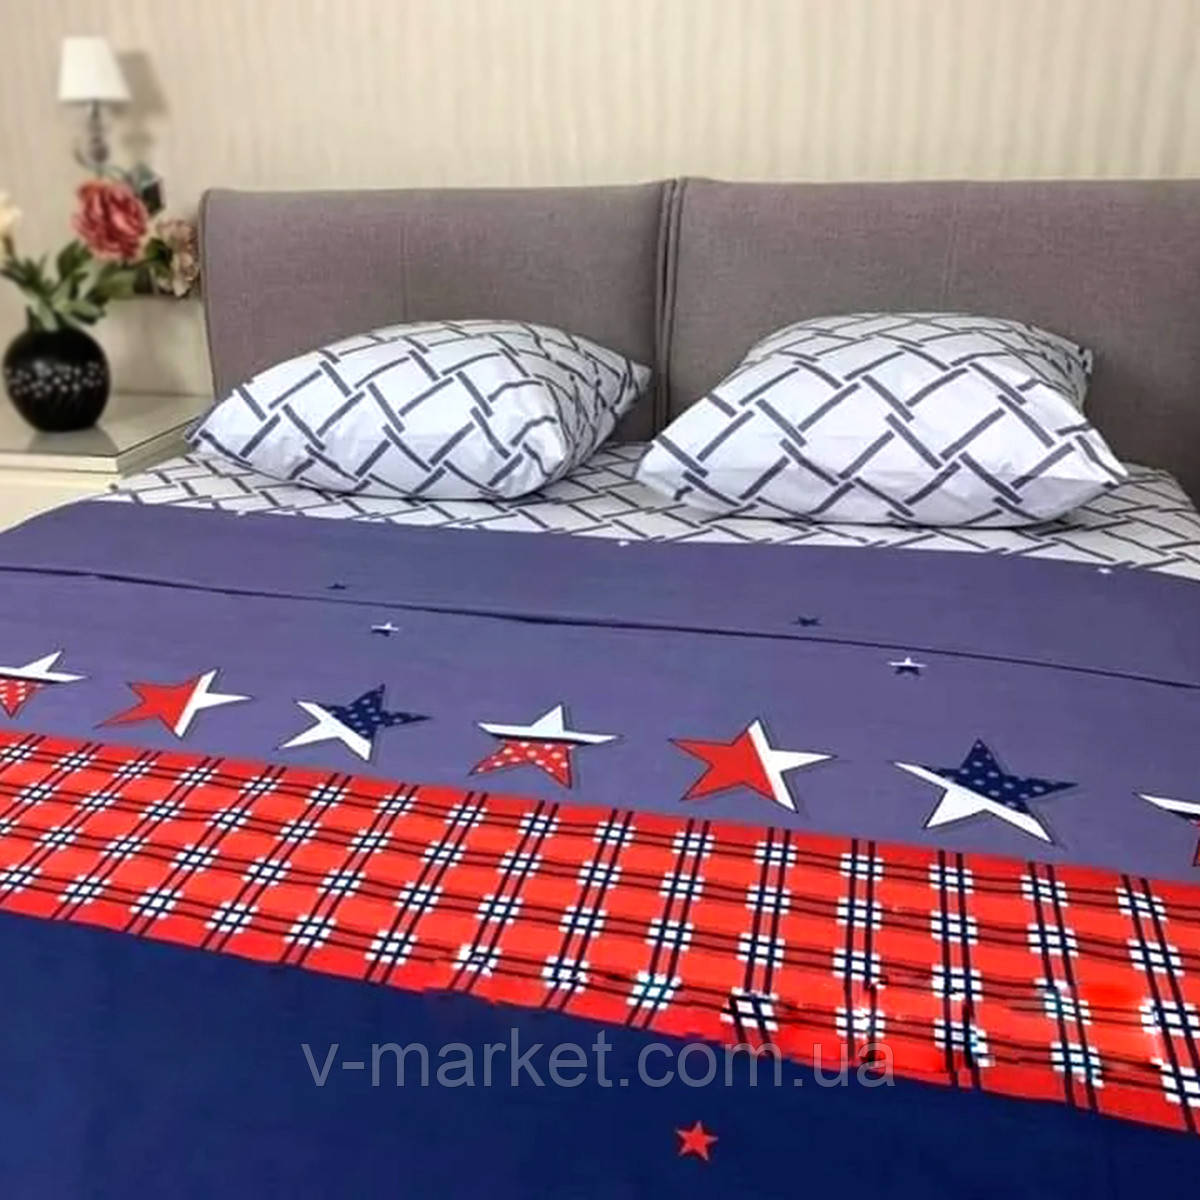 """""""Звезды"""" синее комбинированное постельное белье евро размер с увеличенной простыней 220/240 см, 100% хлопок"""